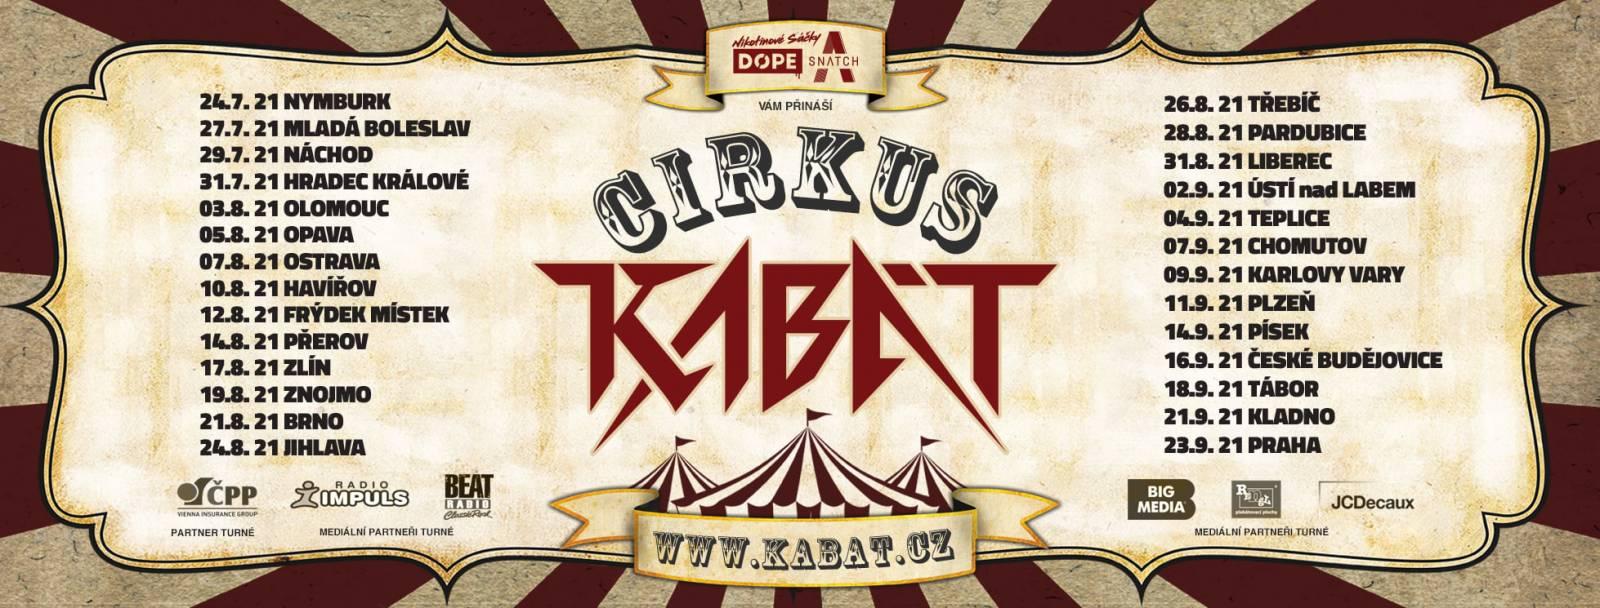 Kabát vyráží na turné Cirkus Kabát, původní šňůru opět překládá